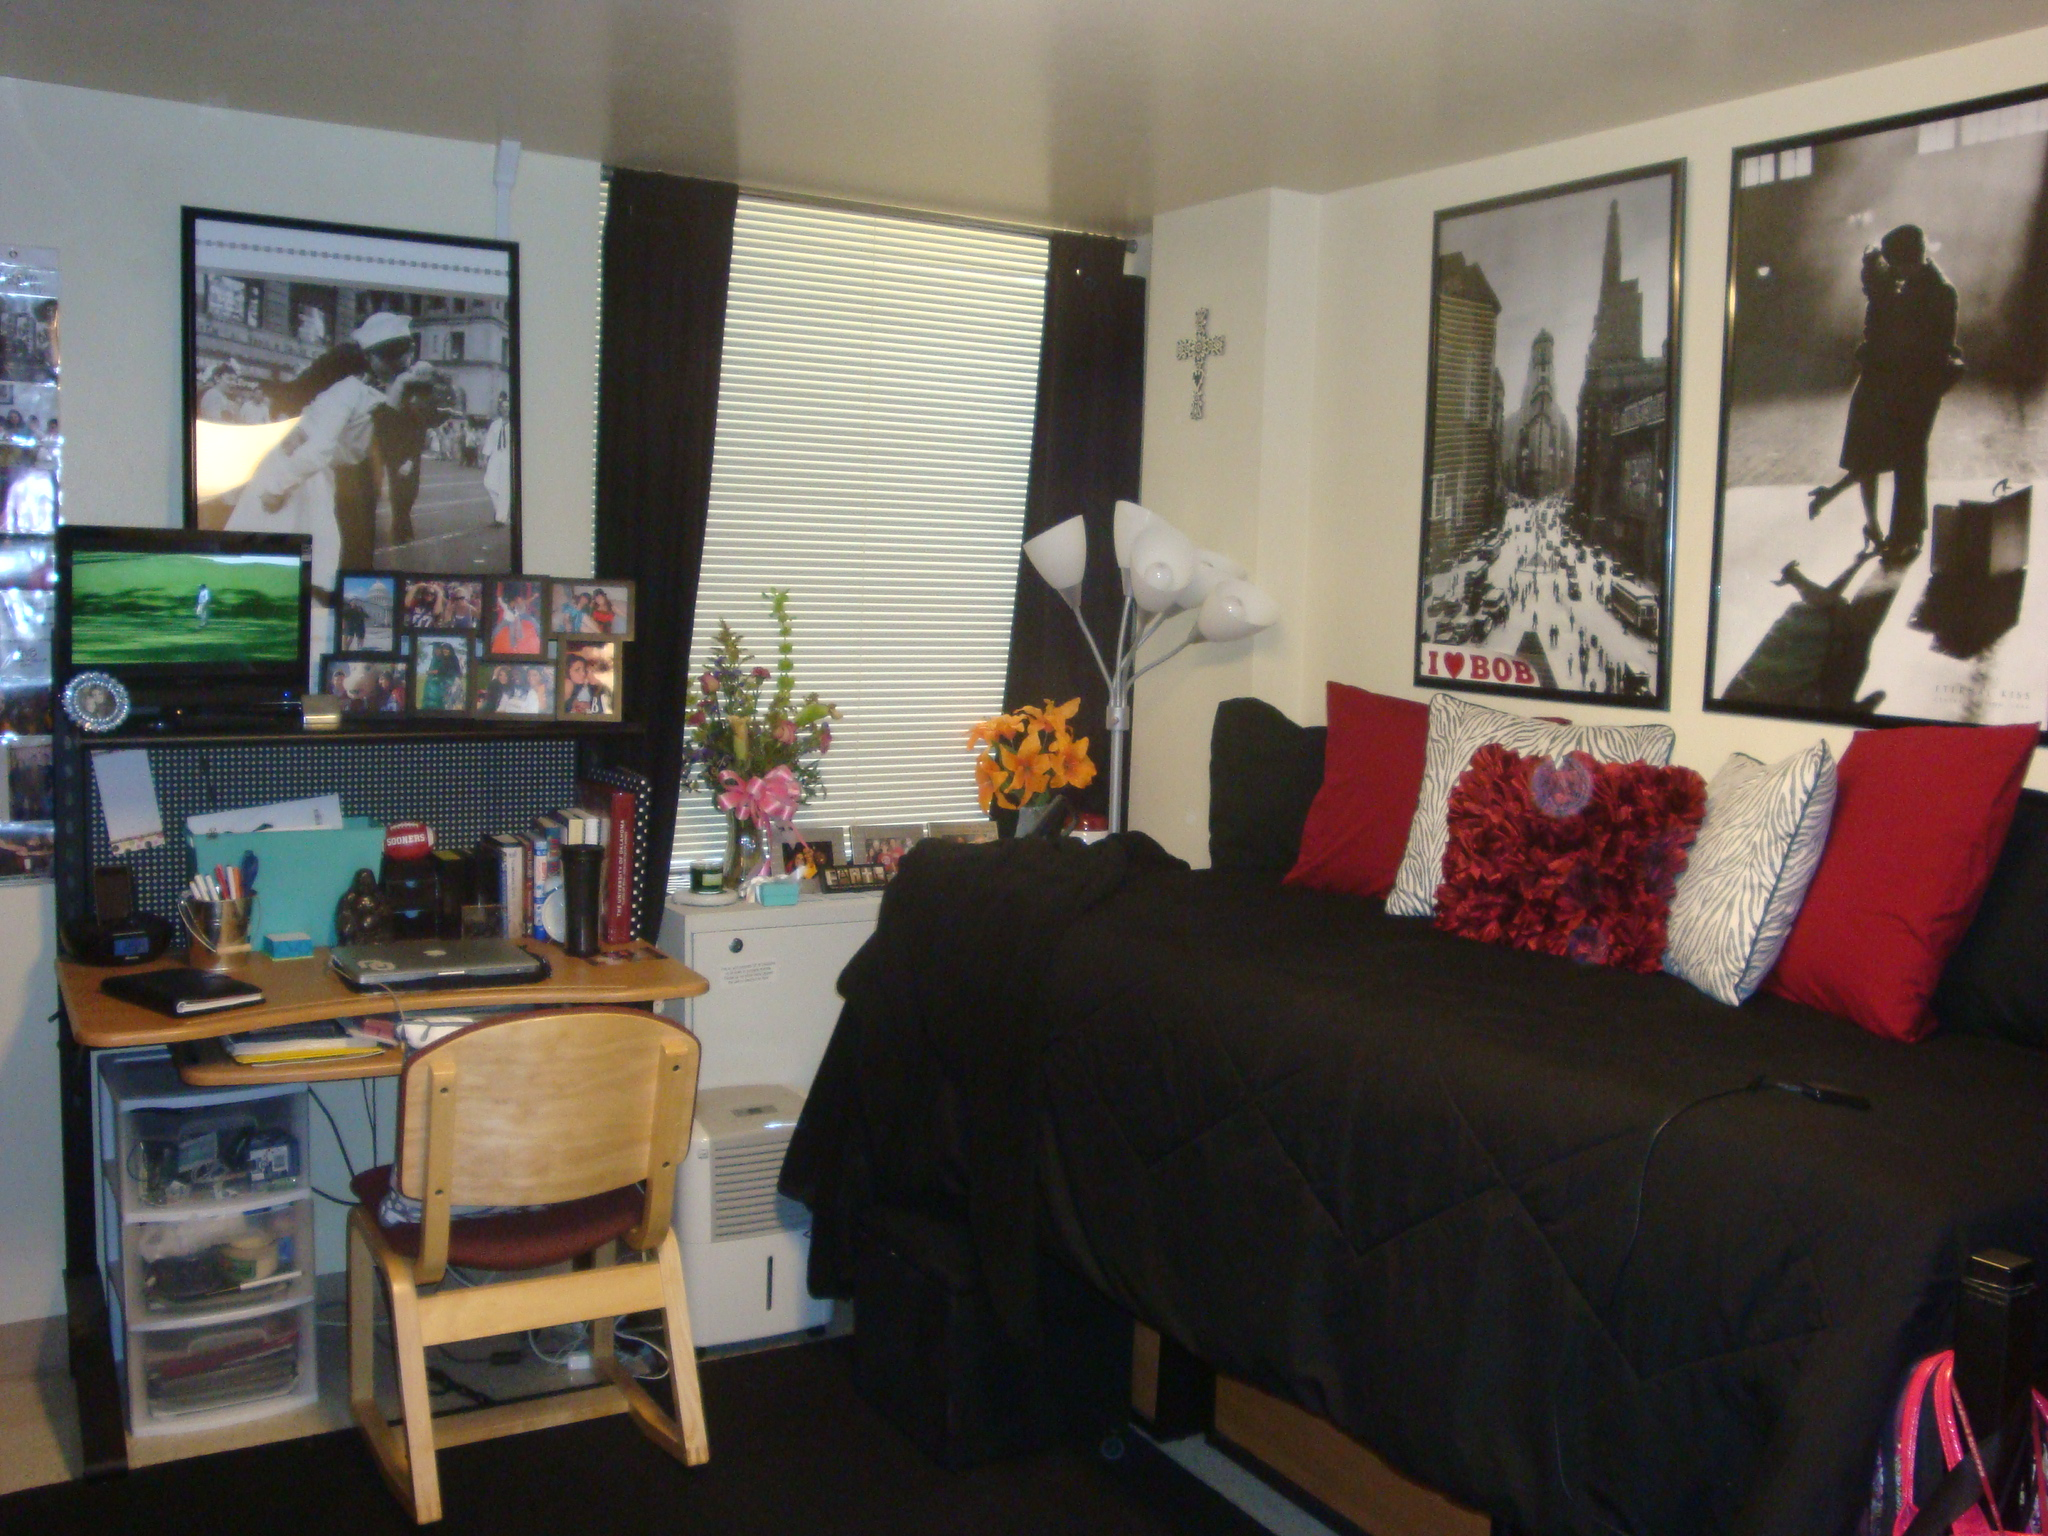 Studio Apartment Decorating Ideas Guys